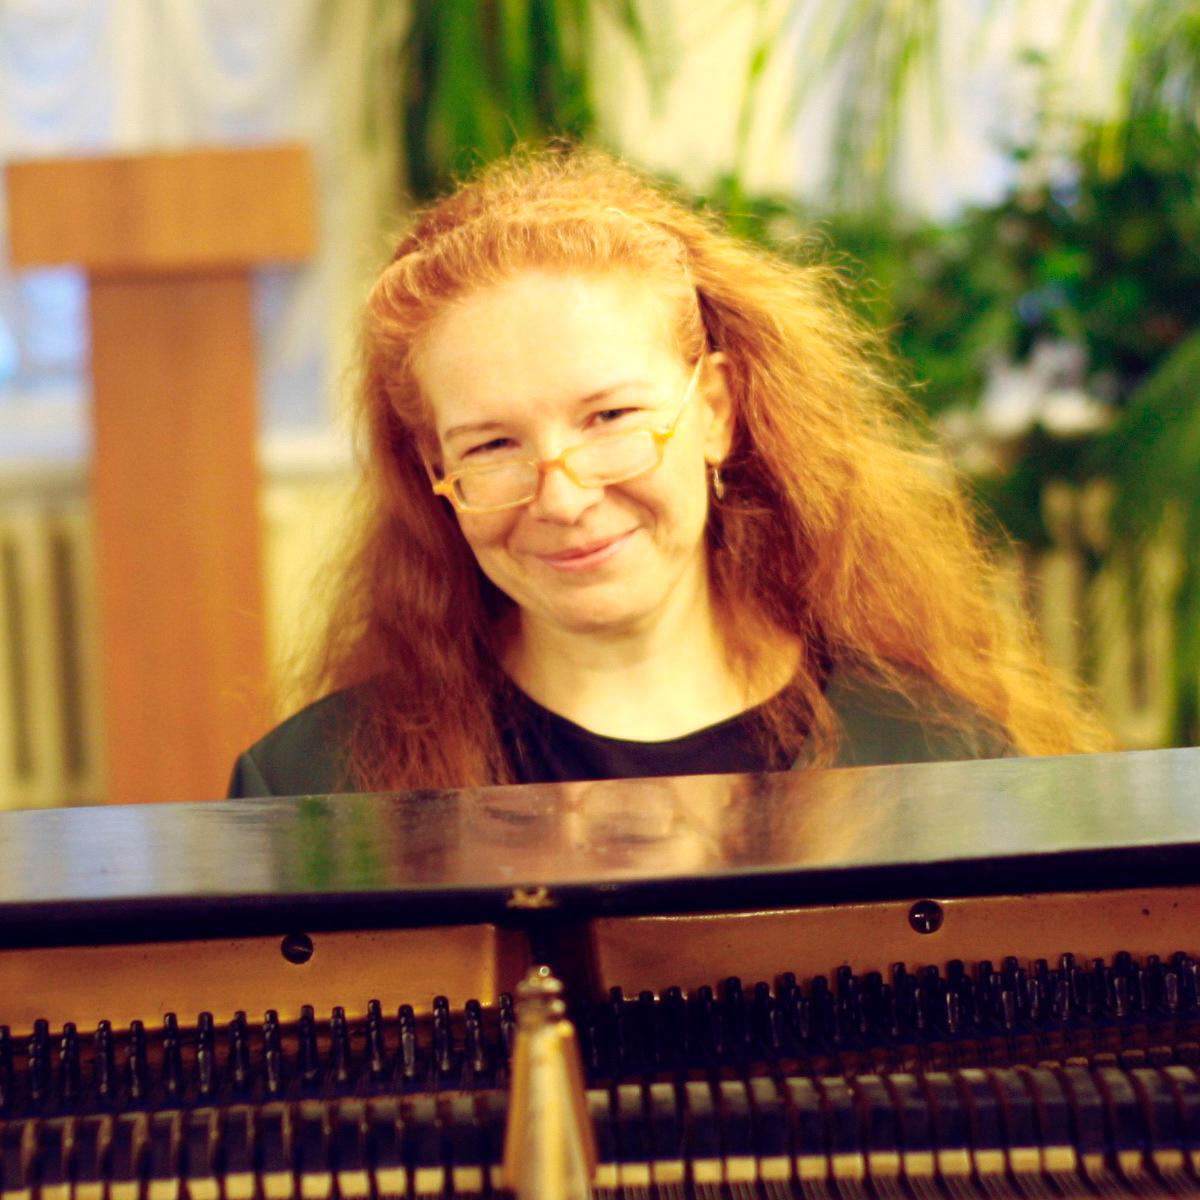 Sofia Khorobrykh am Flügel